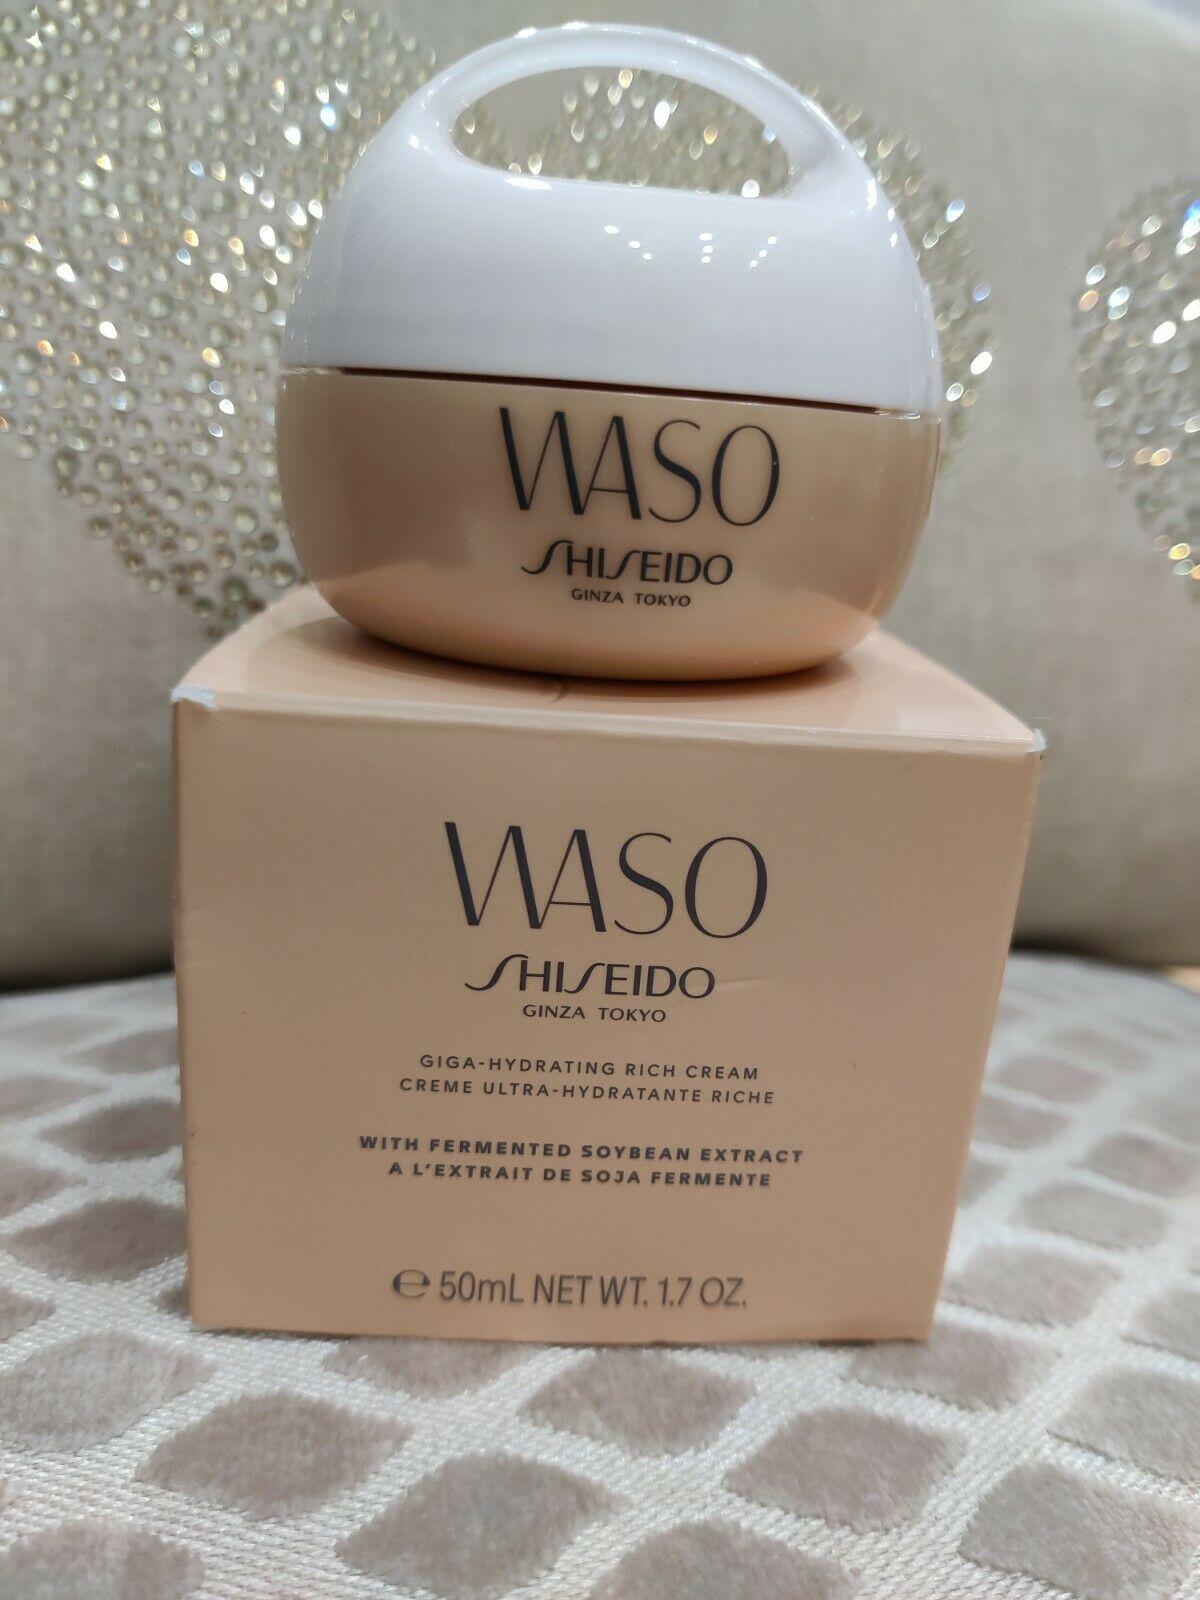 Shiseido WASO Giga Hydrating Rich Cream SoyBean Extract~1.7oz /50ml~ BNIB SEALED